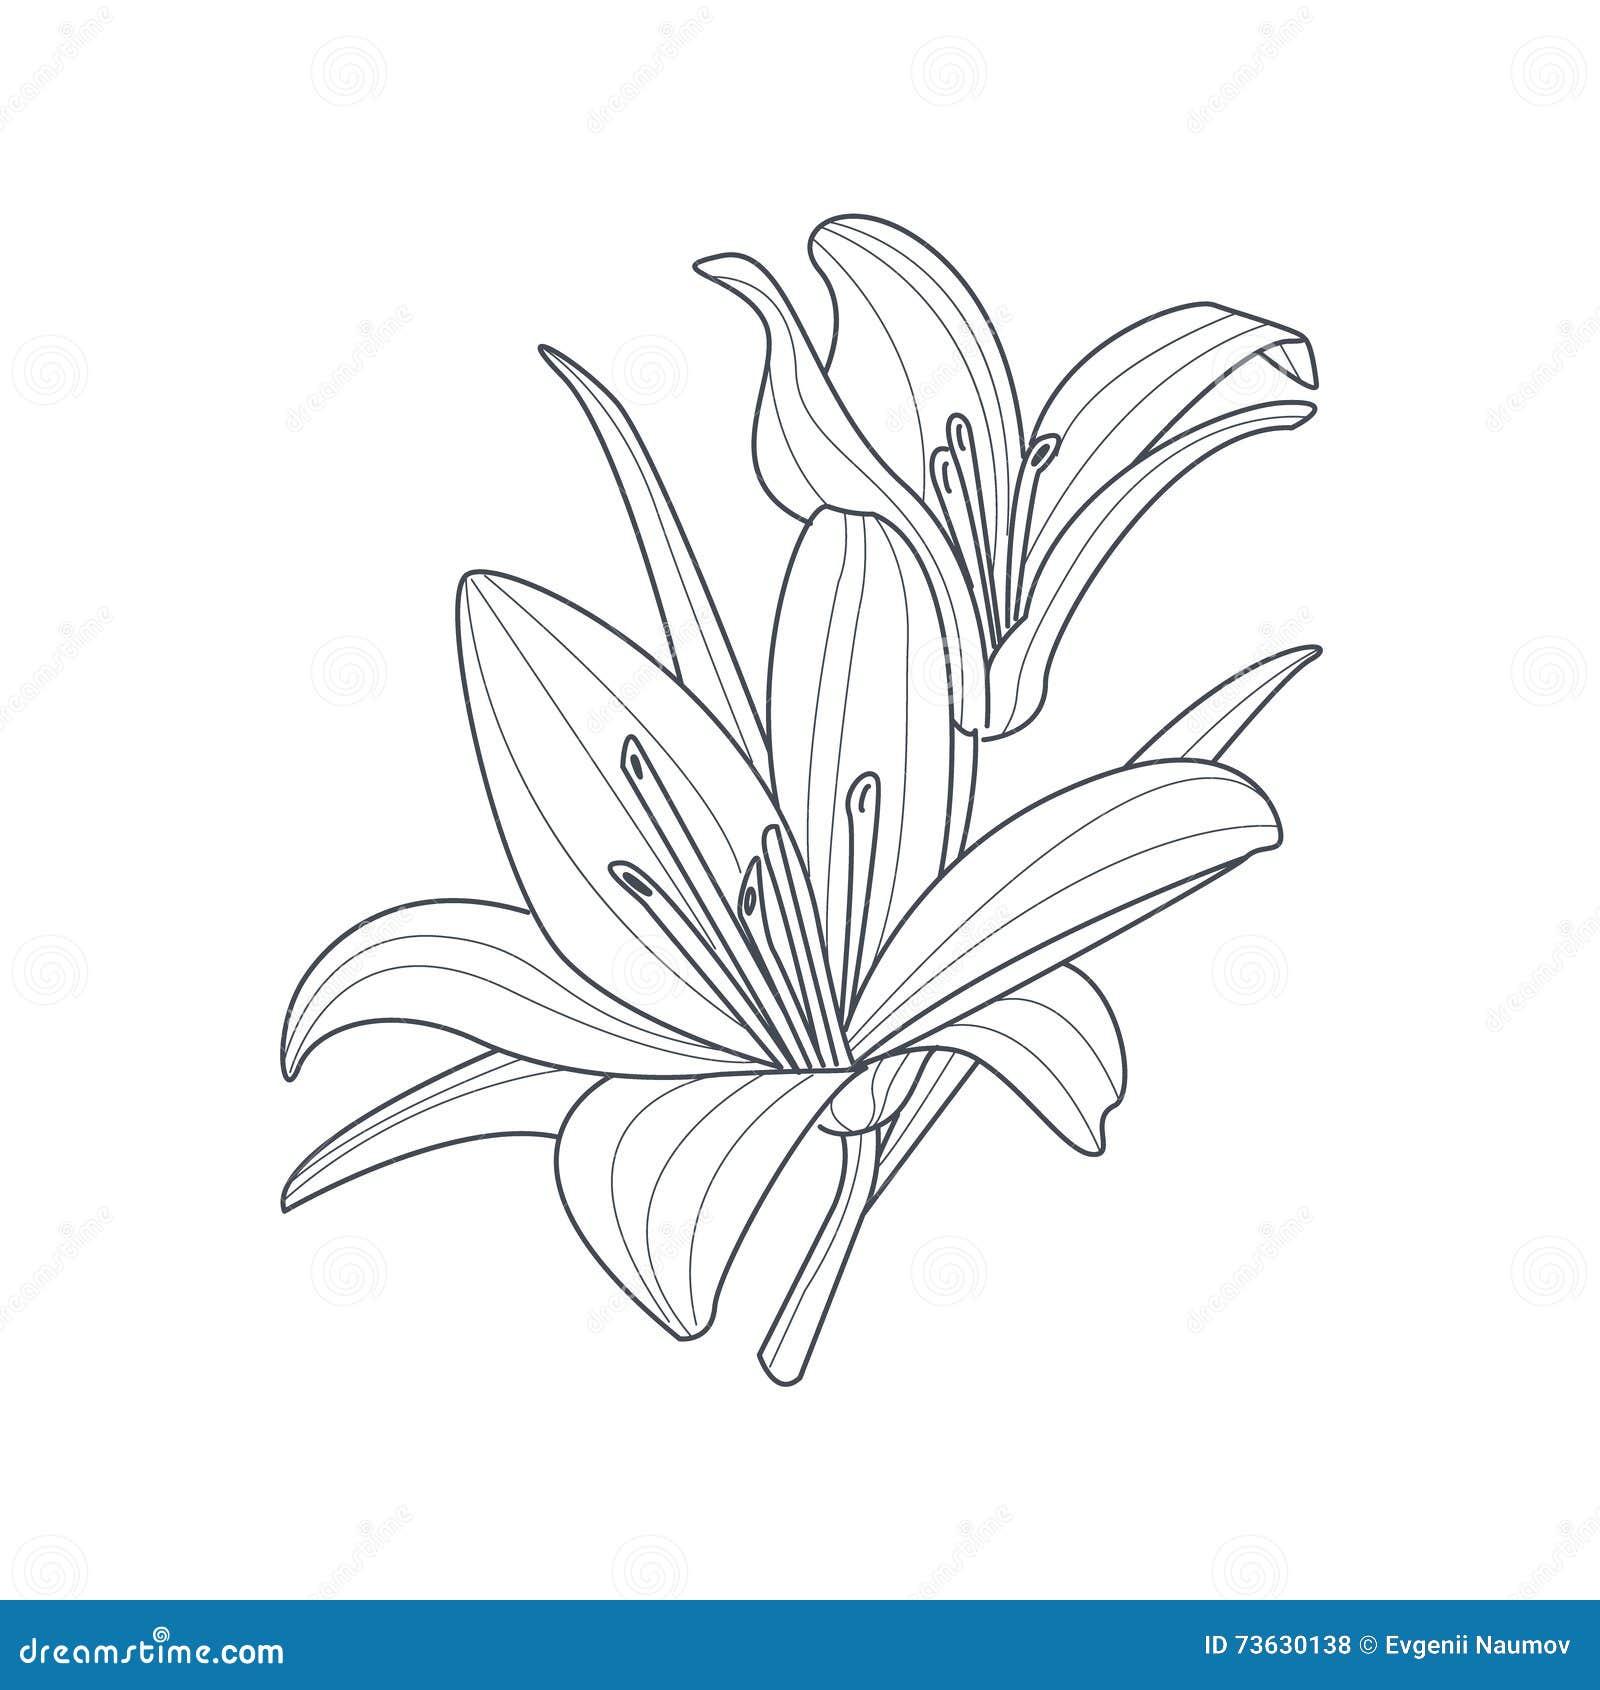 Dibujo Monocromático De La Flor De Dos Lirios Para El Libro De